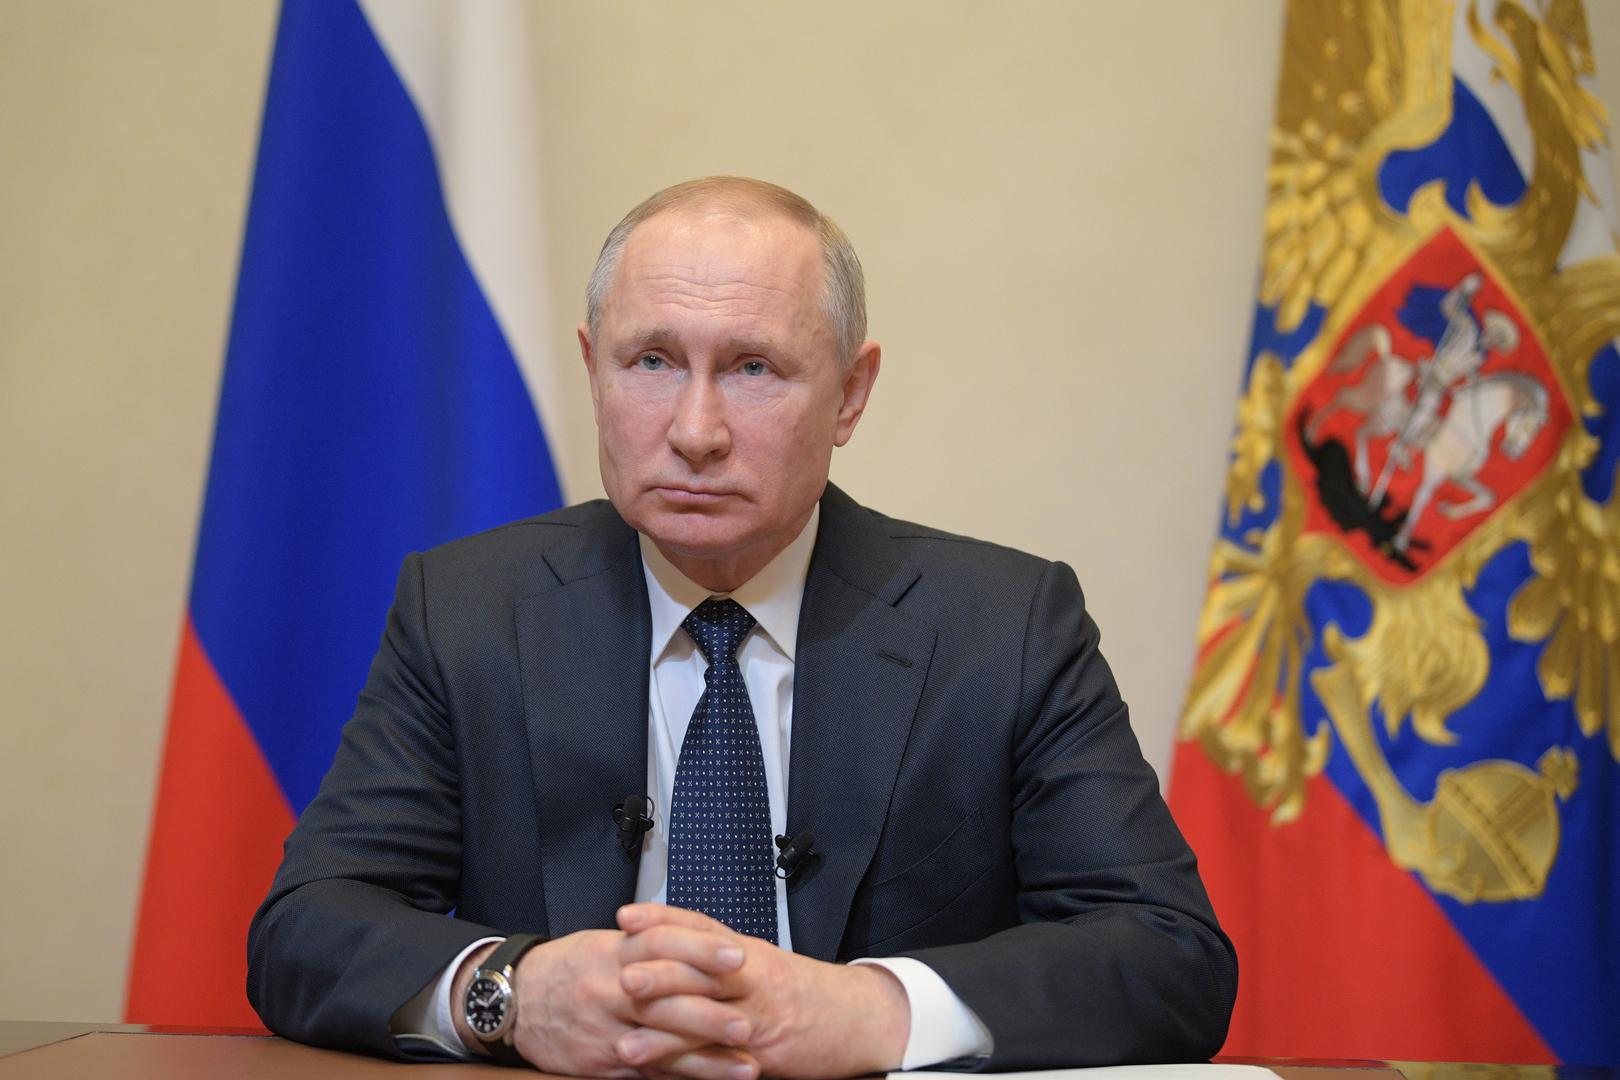 الرئيس فلاديمير بوتين يوجه خطابا متلفزا إلى الشعب الروسي بشأن وضع تفشي فيروس كورونا المستجد في البلاد